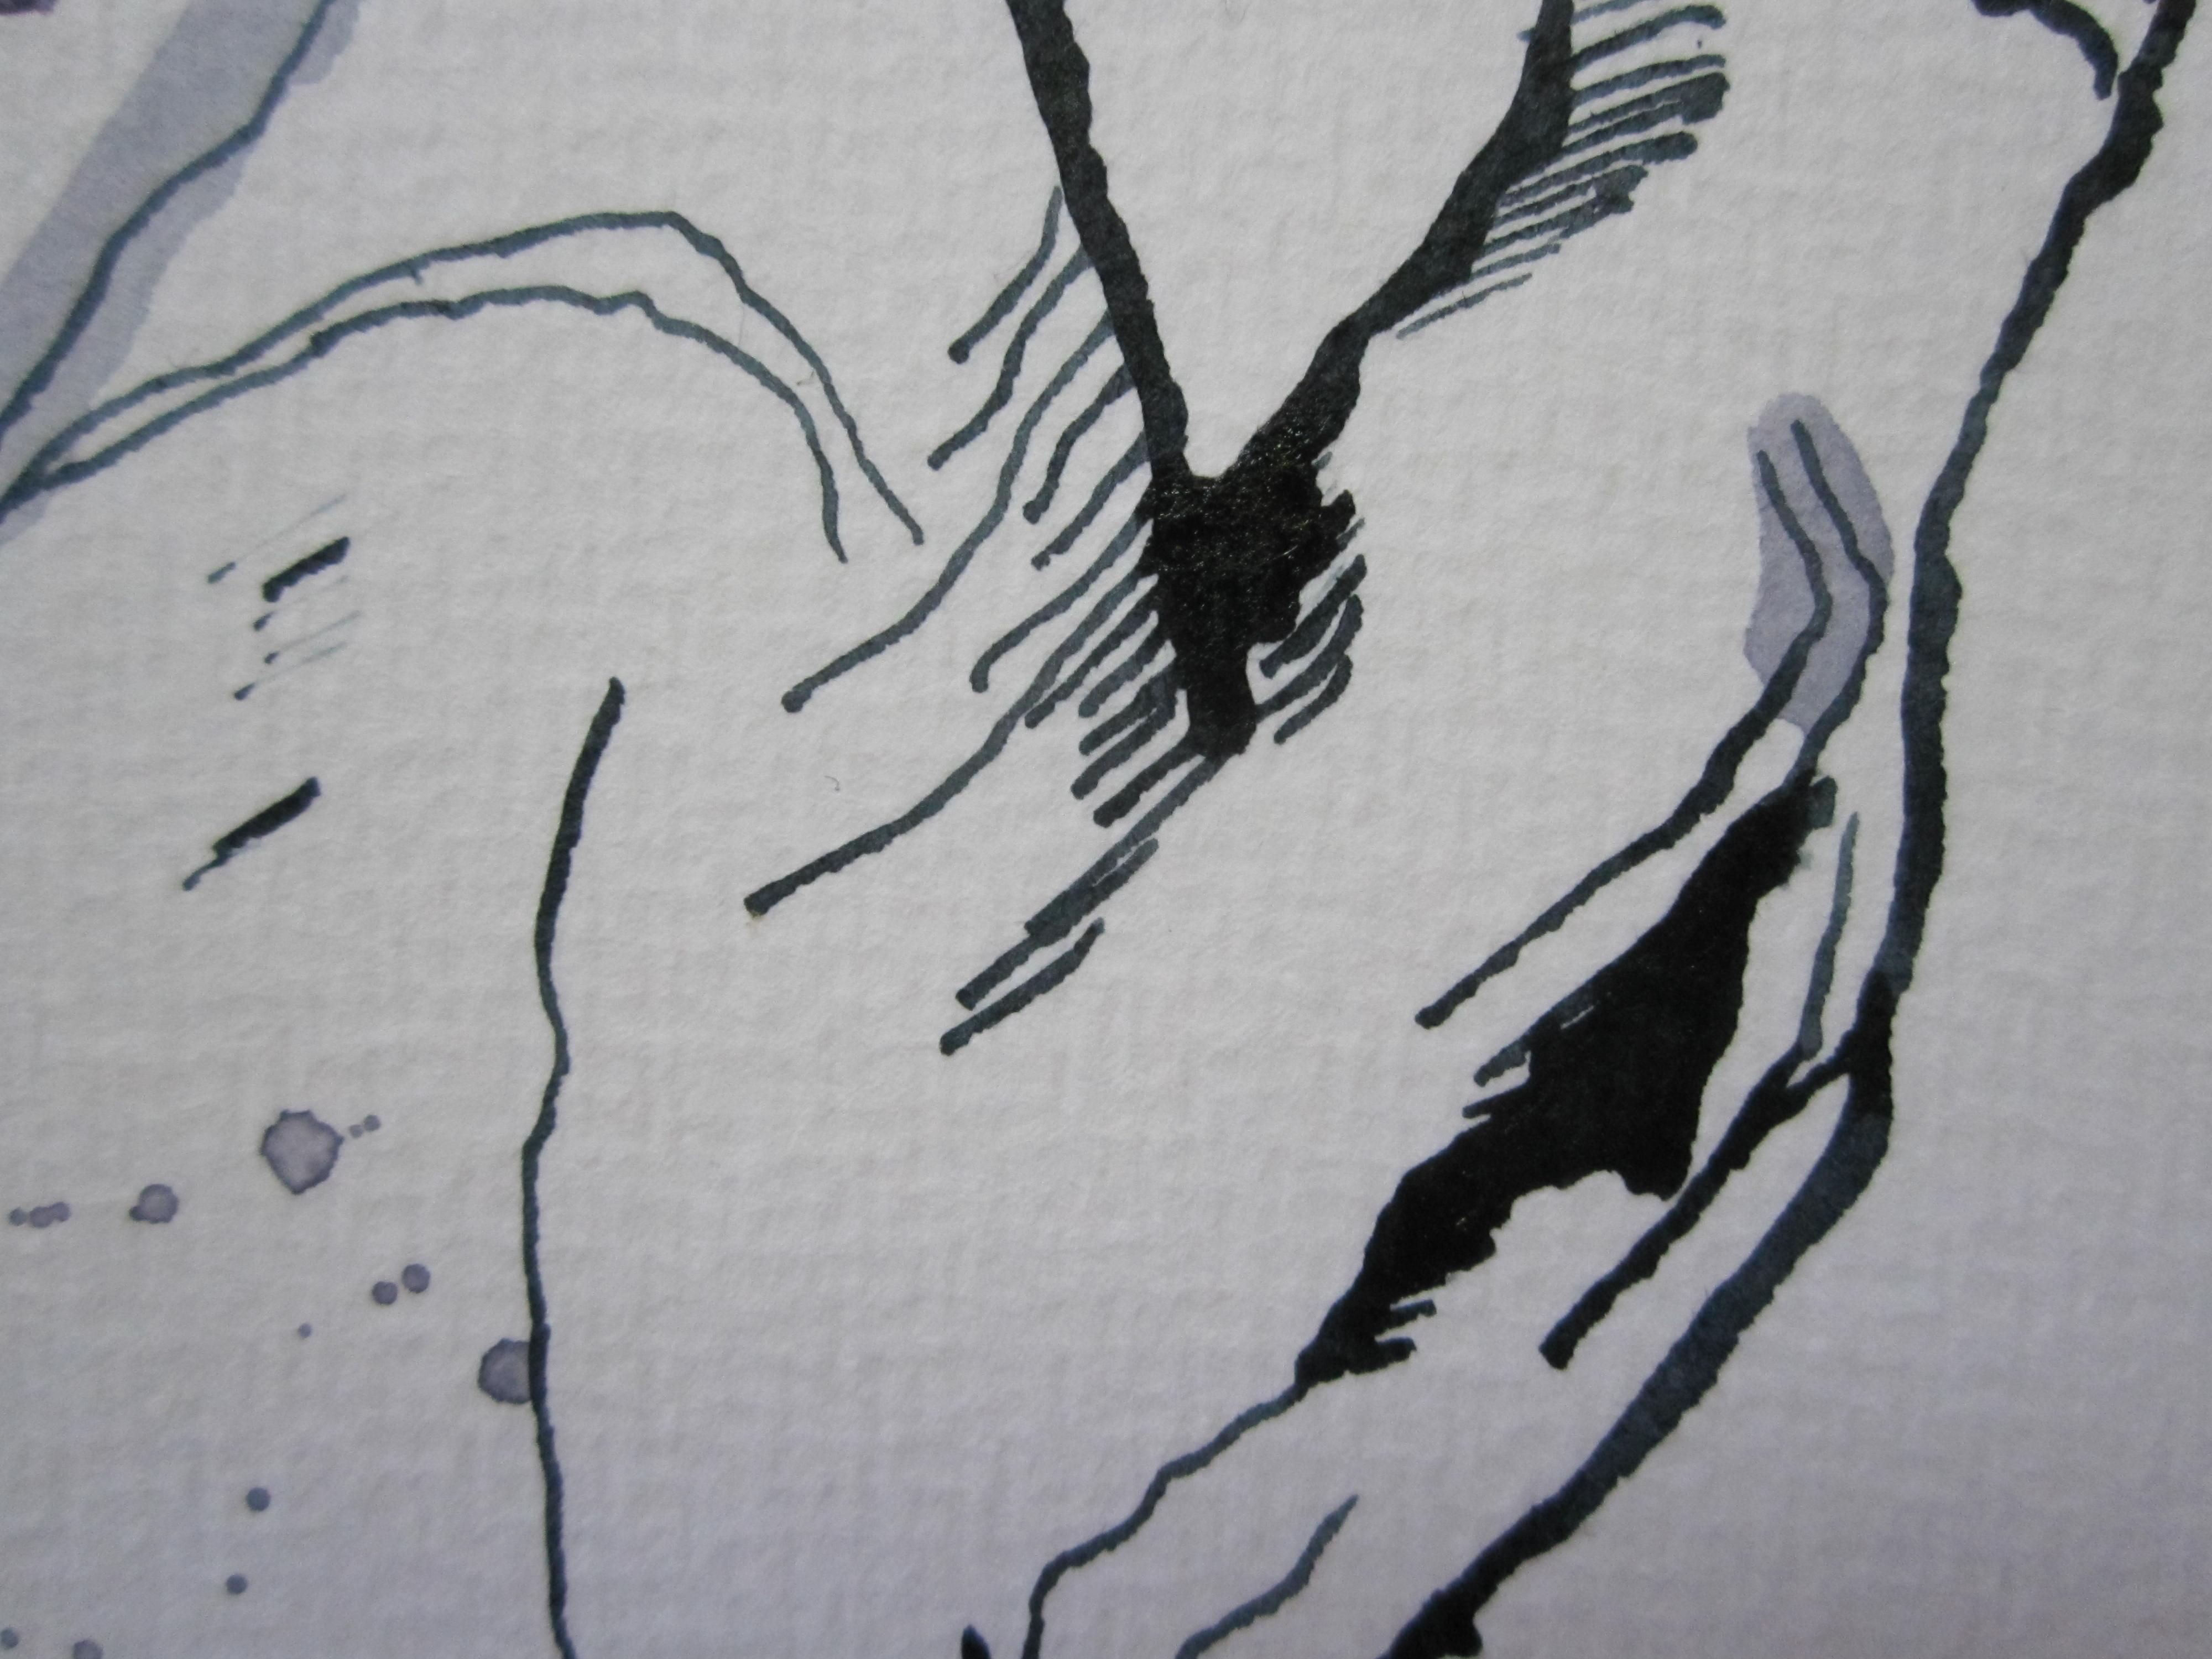 Ausschnitt 2 - Hände am Klavier - Zeichnung von Susanne Haun